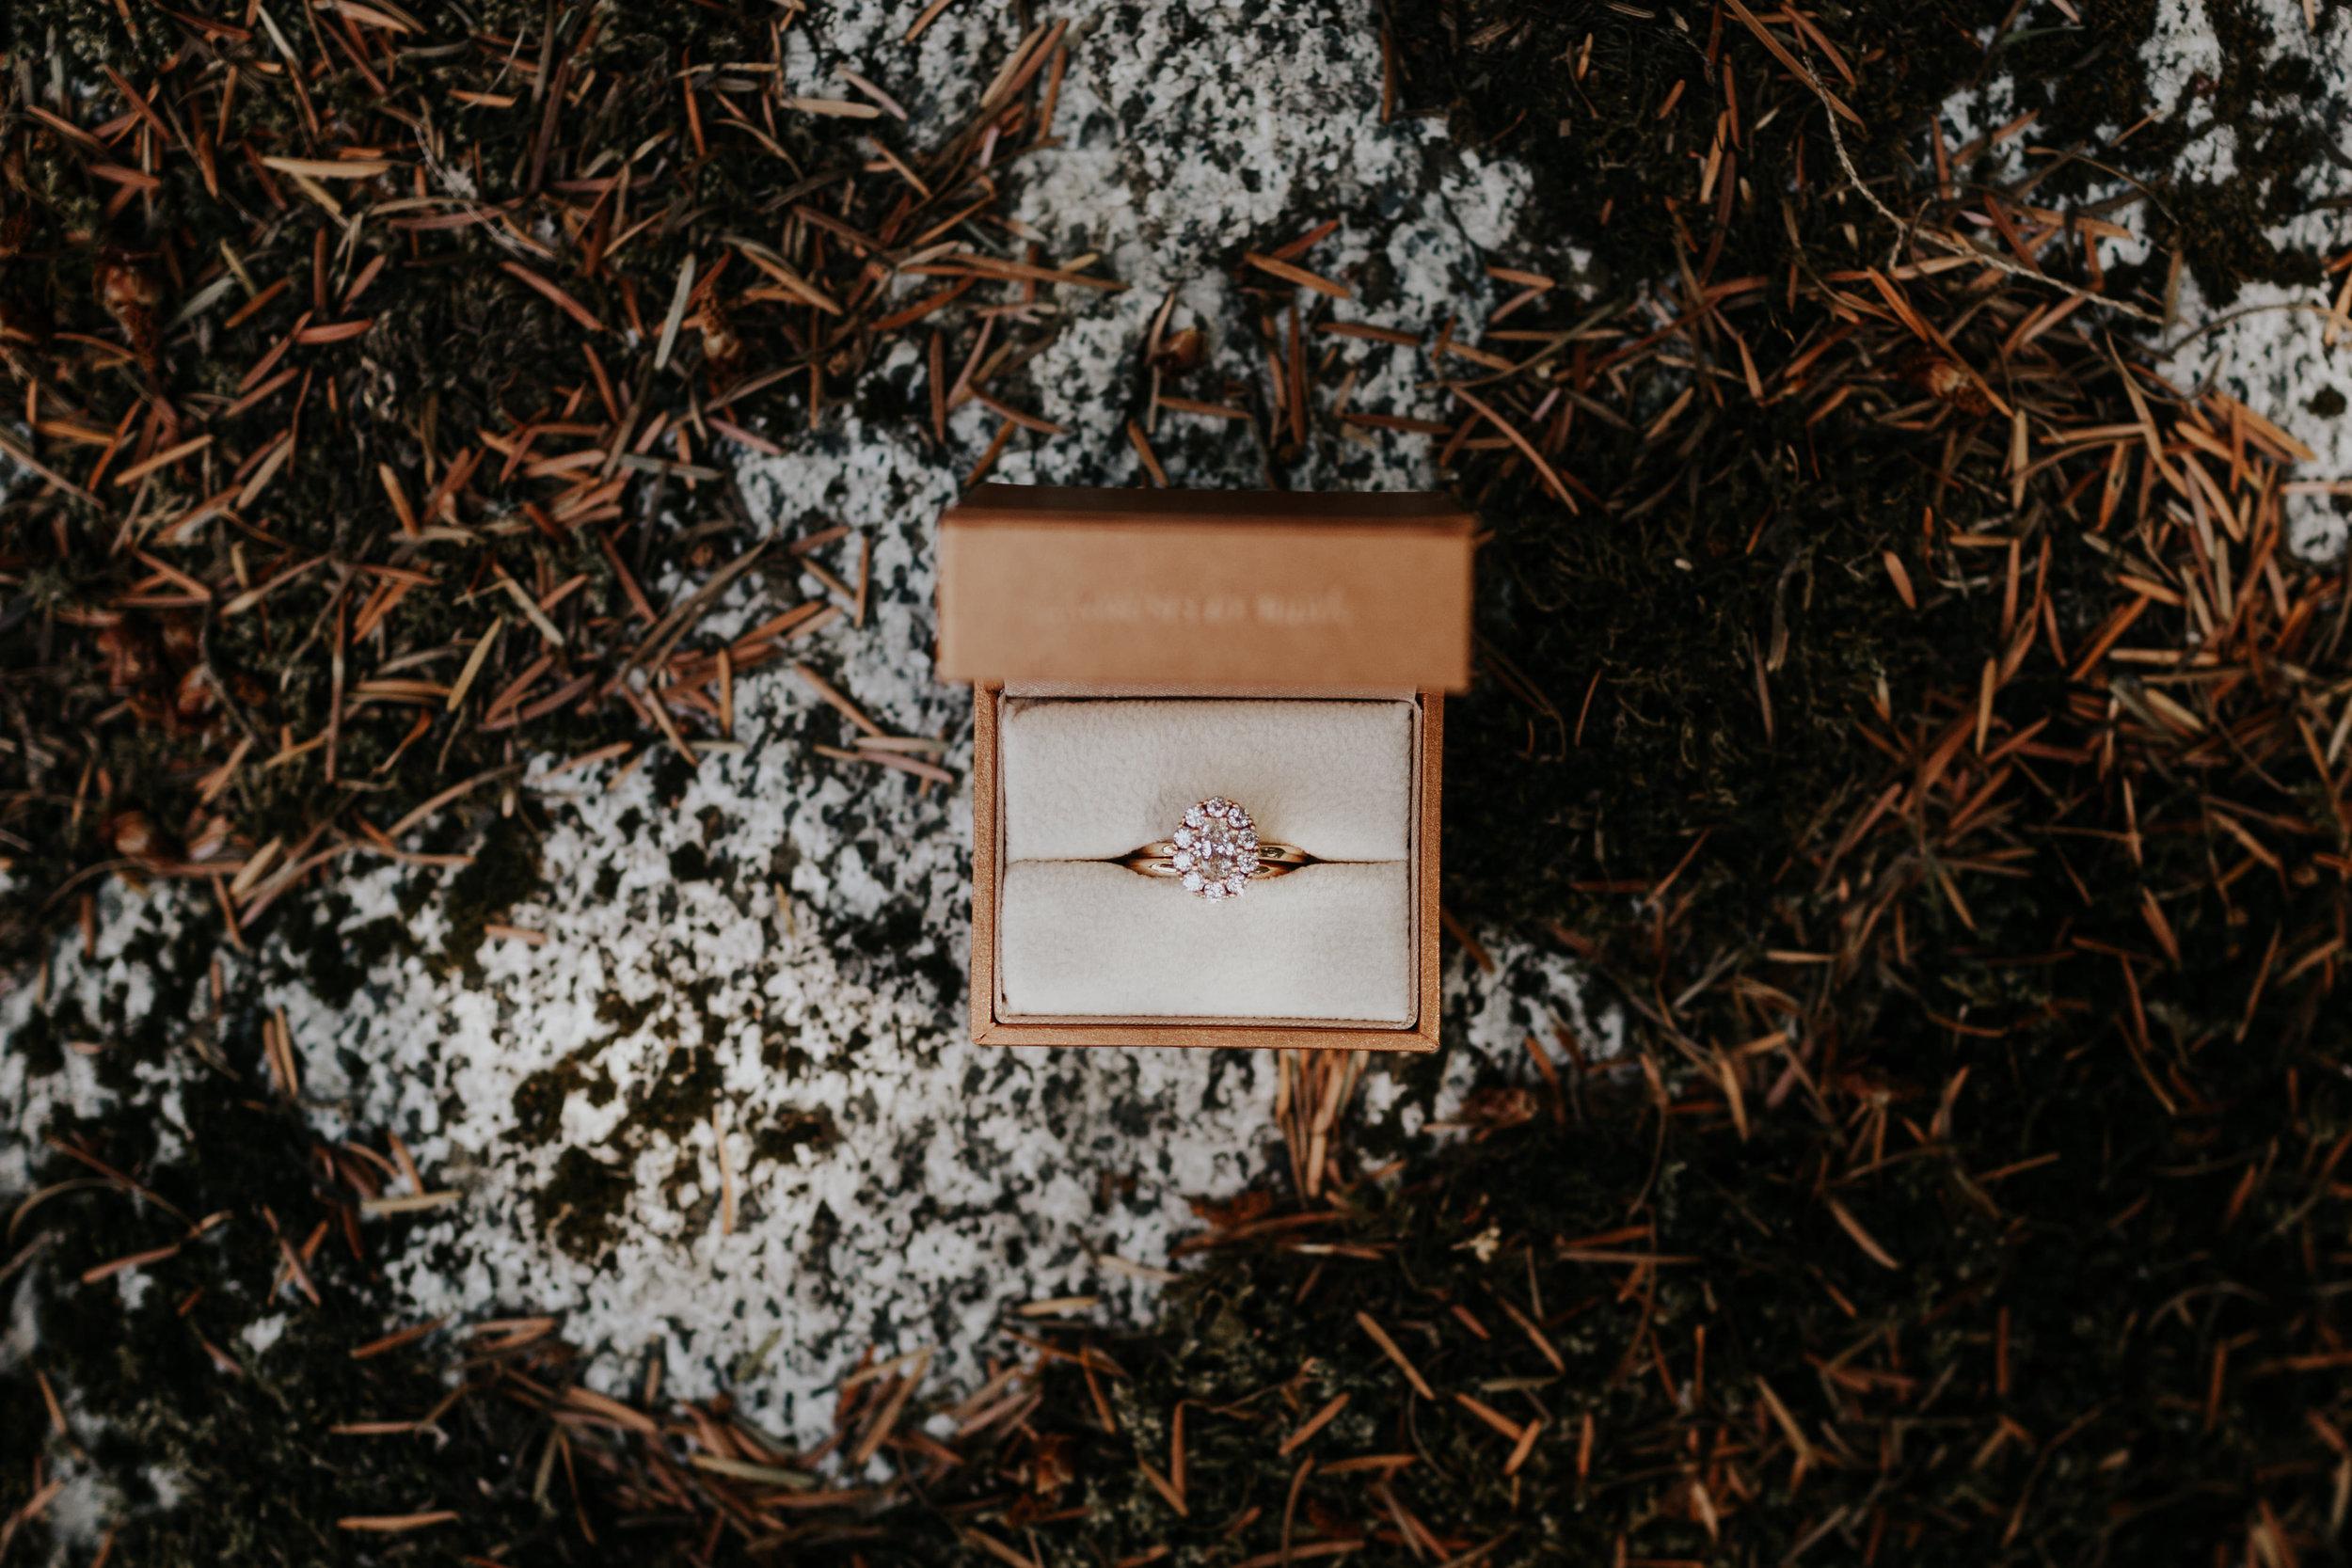 ginapaulson_katymatt_wedding-7.jpg